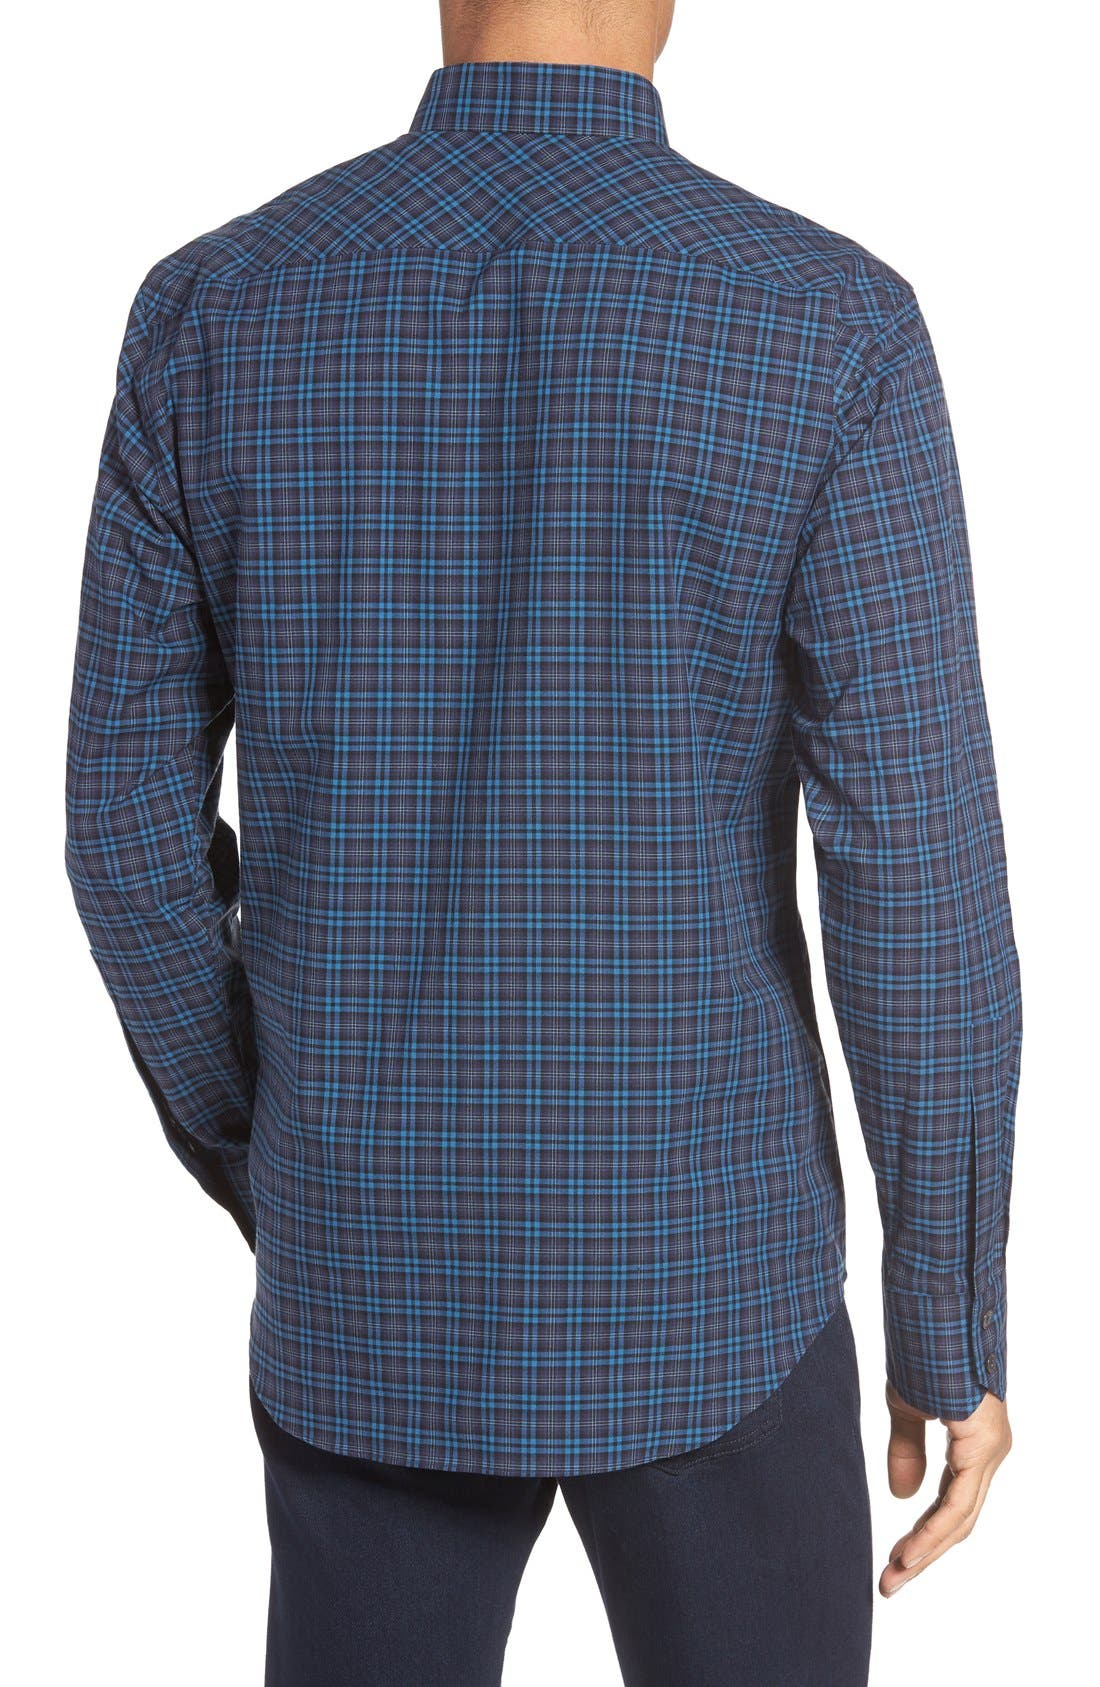 Adler Trim Fit Plaid Sport Shirt,                             Alternate thumbnail 6, color,                             402